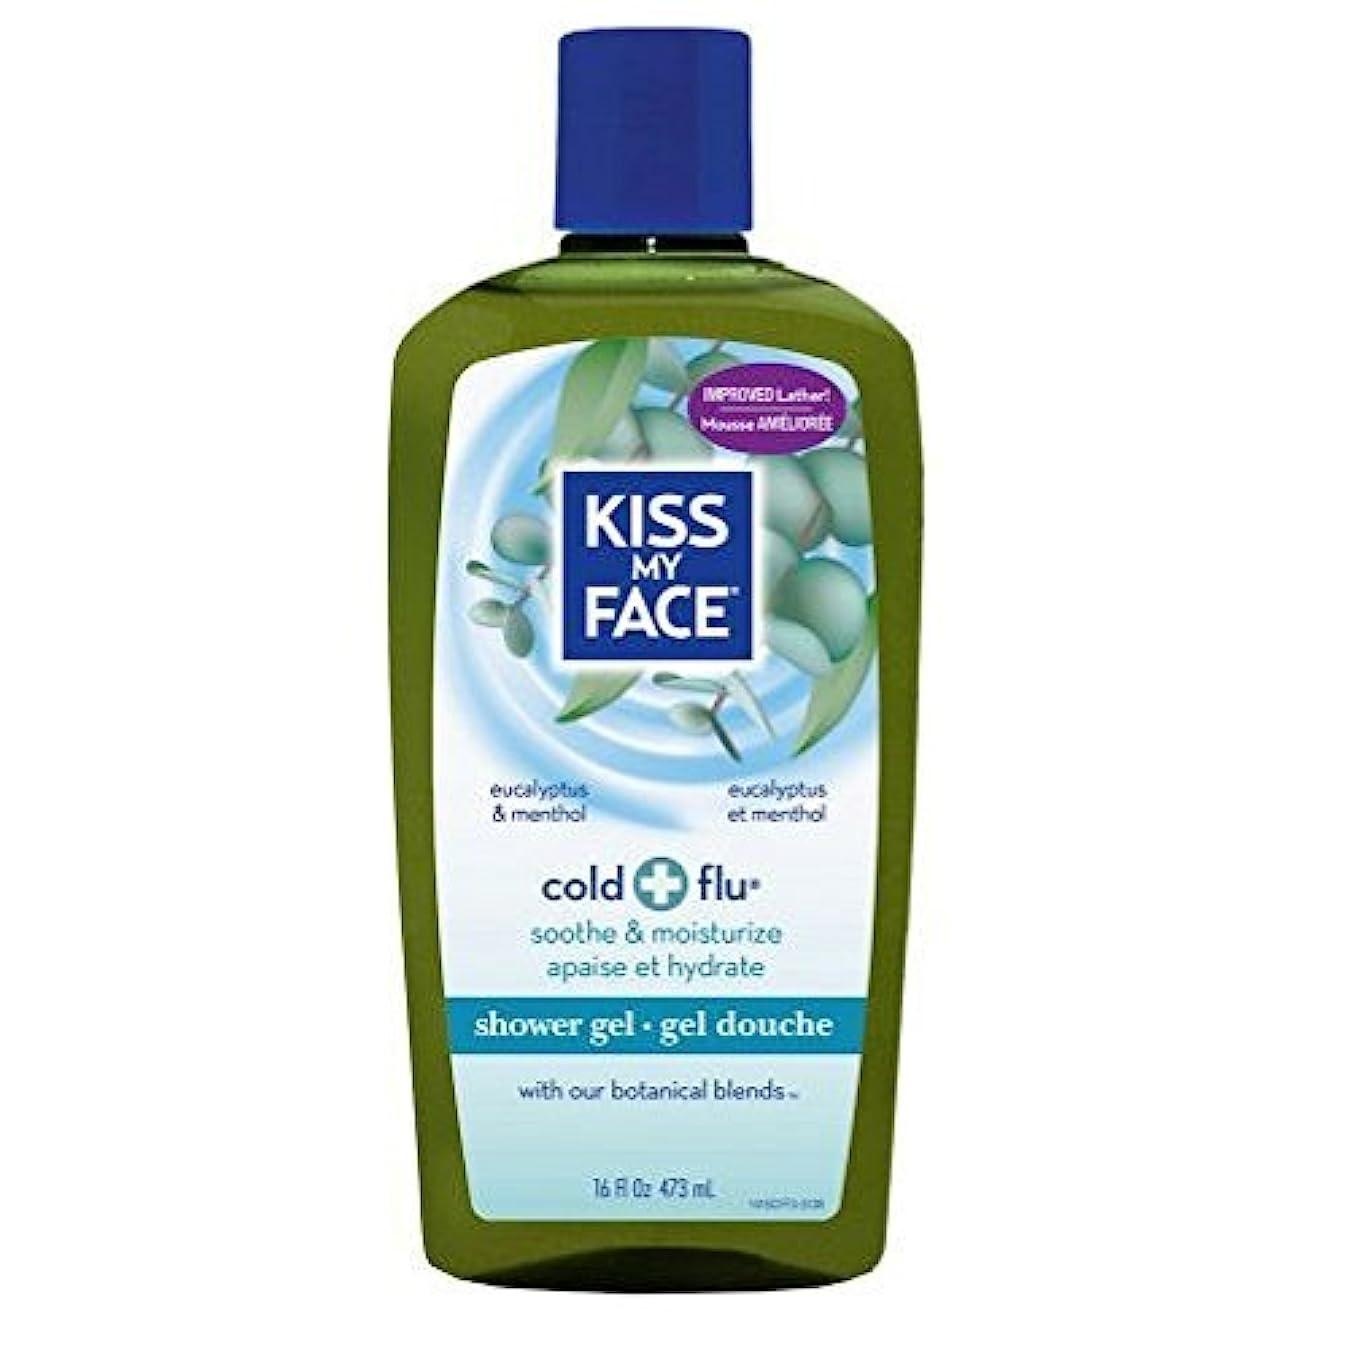 ジーンズ角度そのようなx Kiss My Face Bath and Shower Gel Cold And Flu Eucalyptus and Menthol - 16 fl oz by Kiss My Face